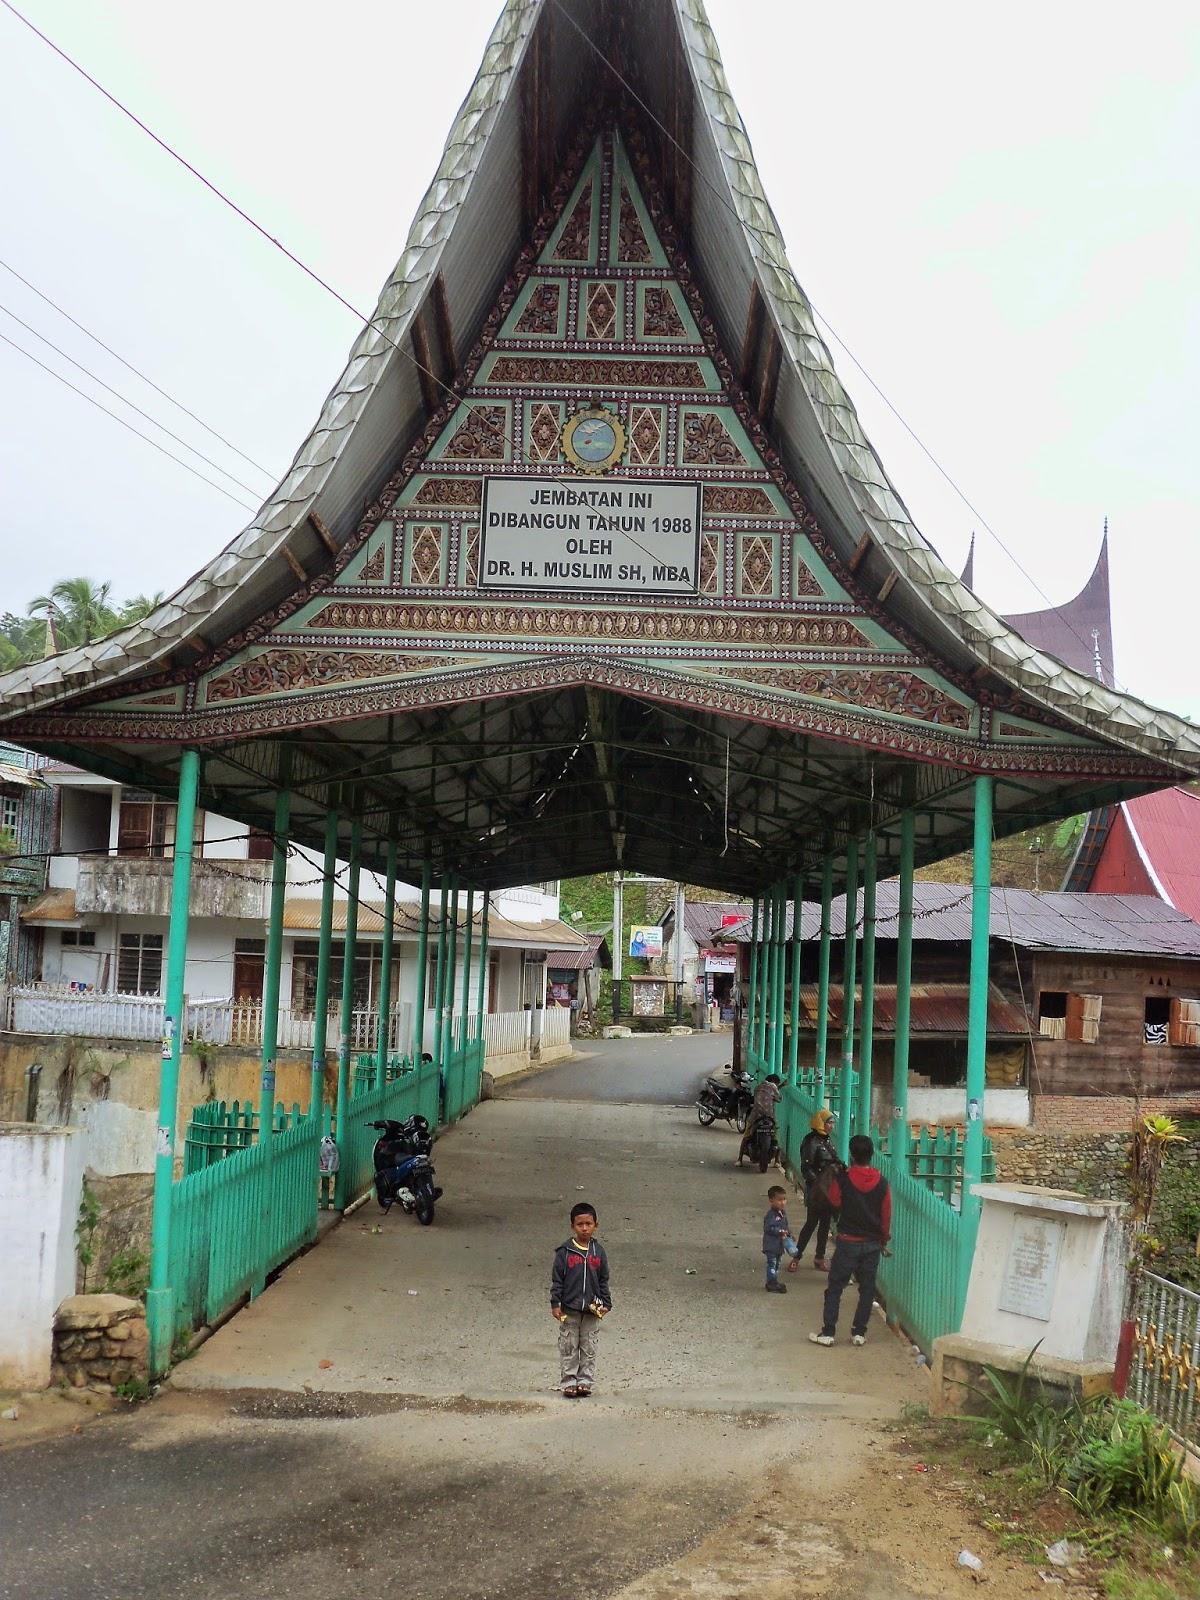 Jembatan yang disponsori oleh H.Muslim di Sulit Air